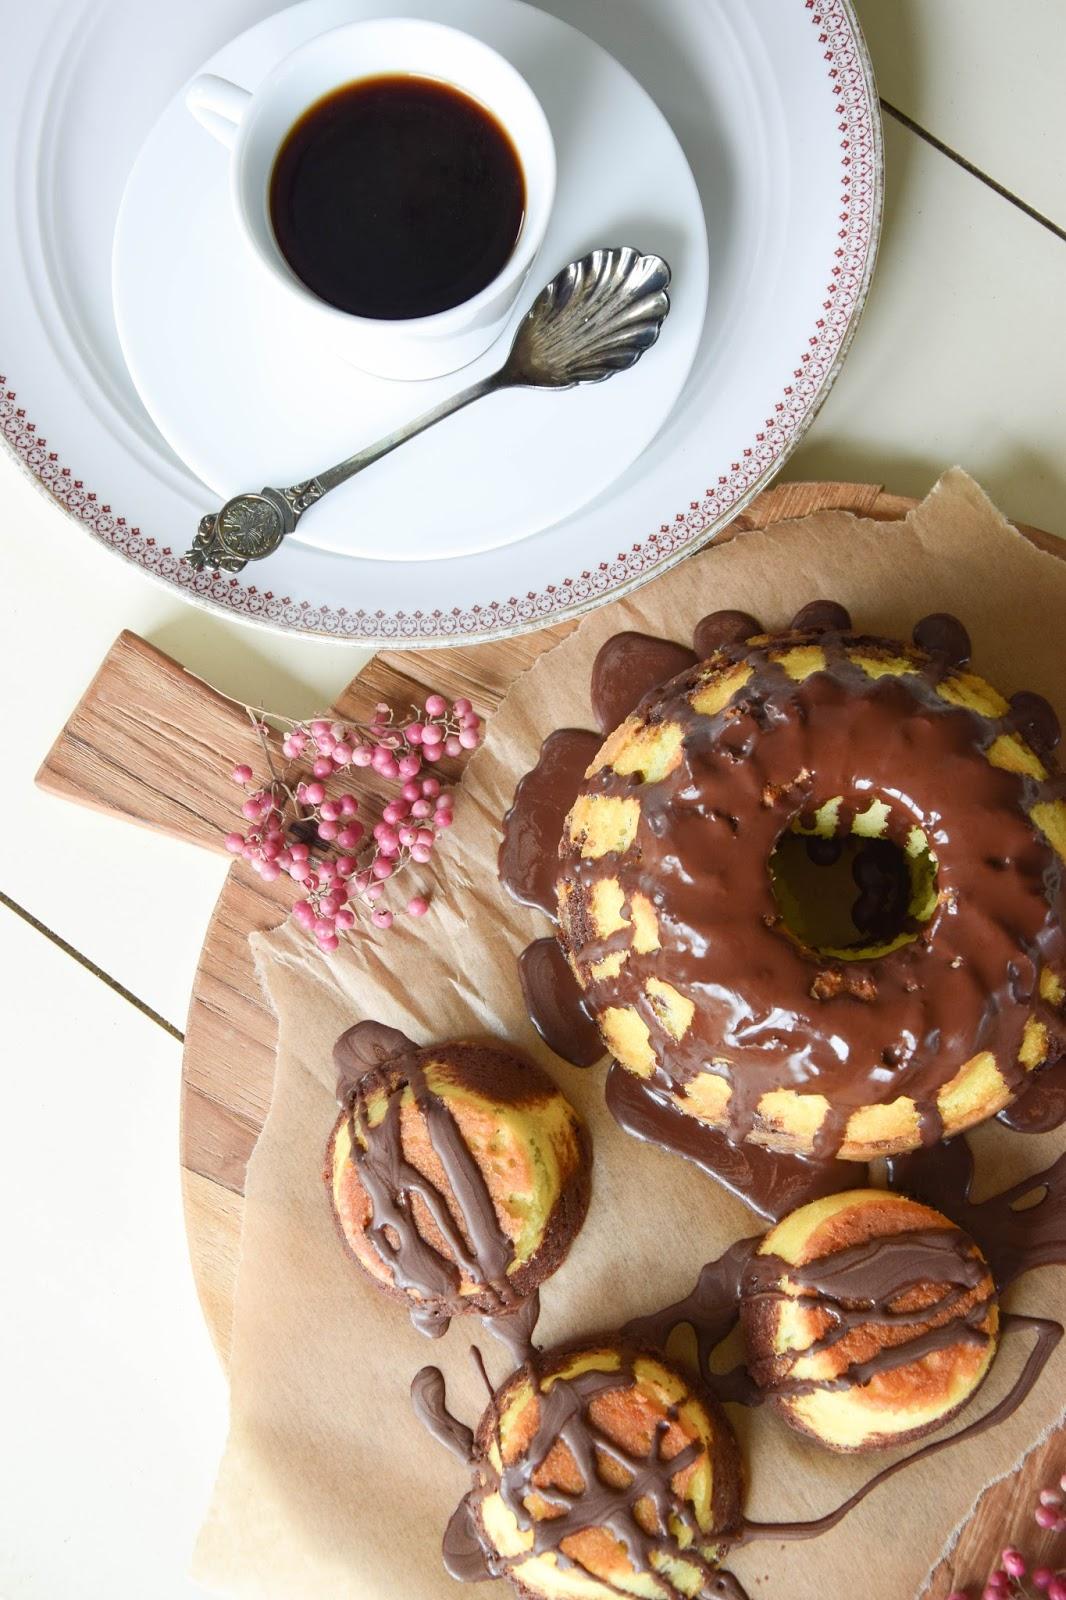 Rezept für leckeren Marmorkuchen und Muffins aus Marmor-Teig